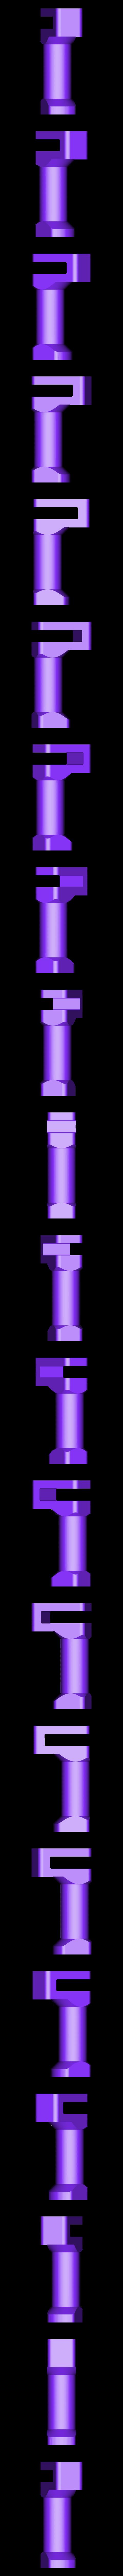 Earphone_holder.stl Download STL file Headphone holder for office desk divider • Object to 3D print, ShawnShi